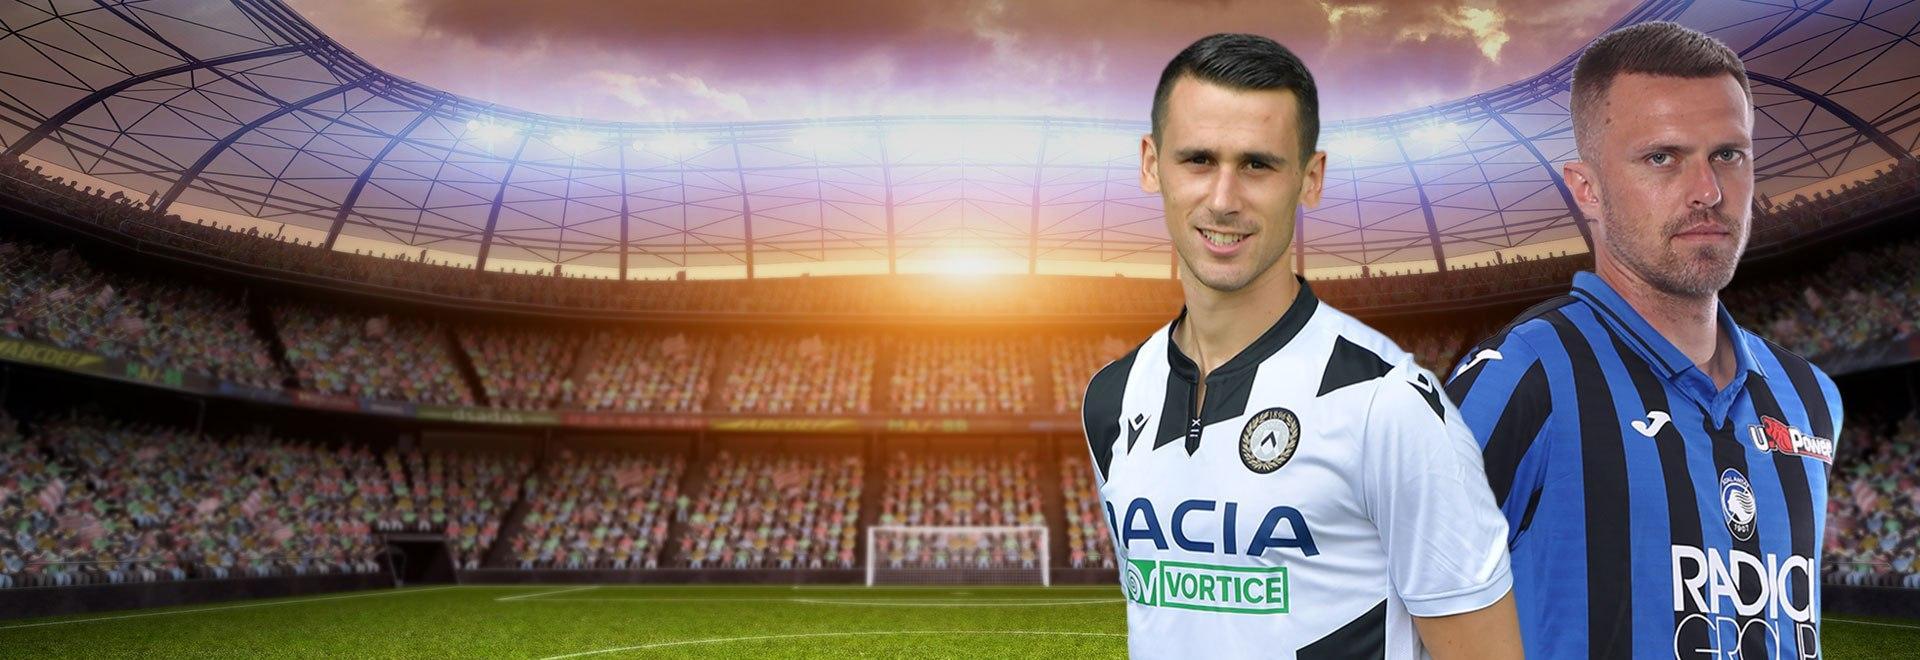 Udinese - Atalanta